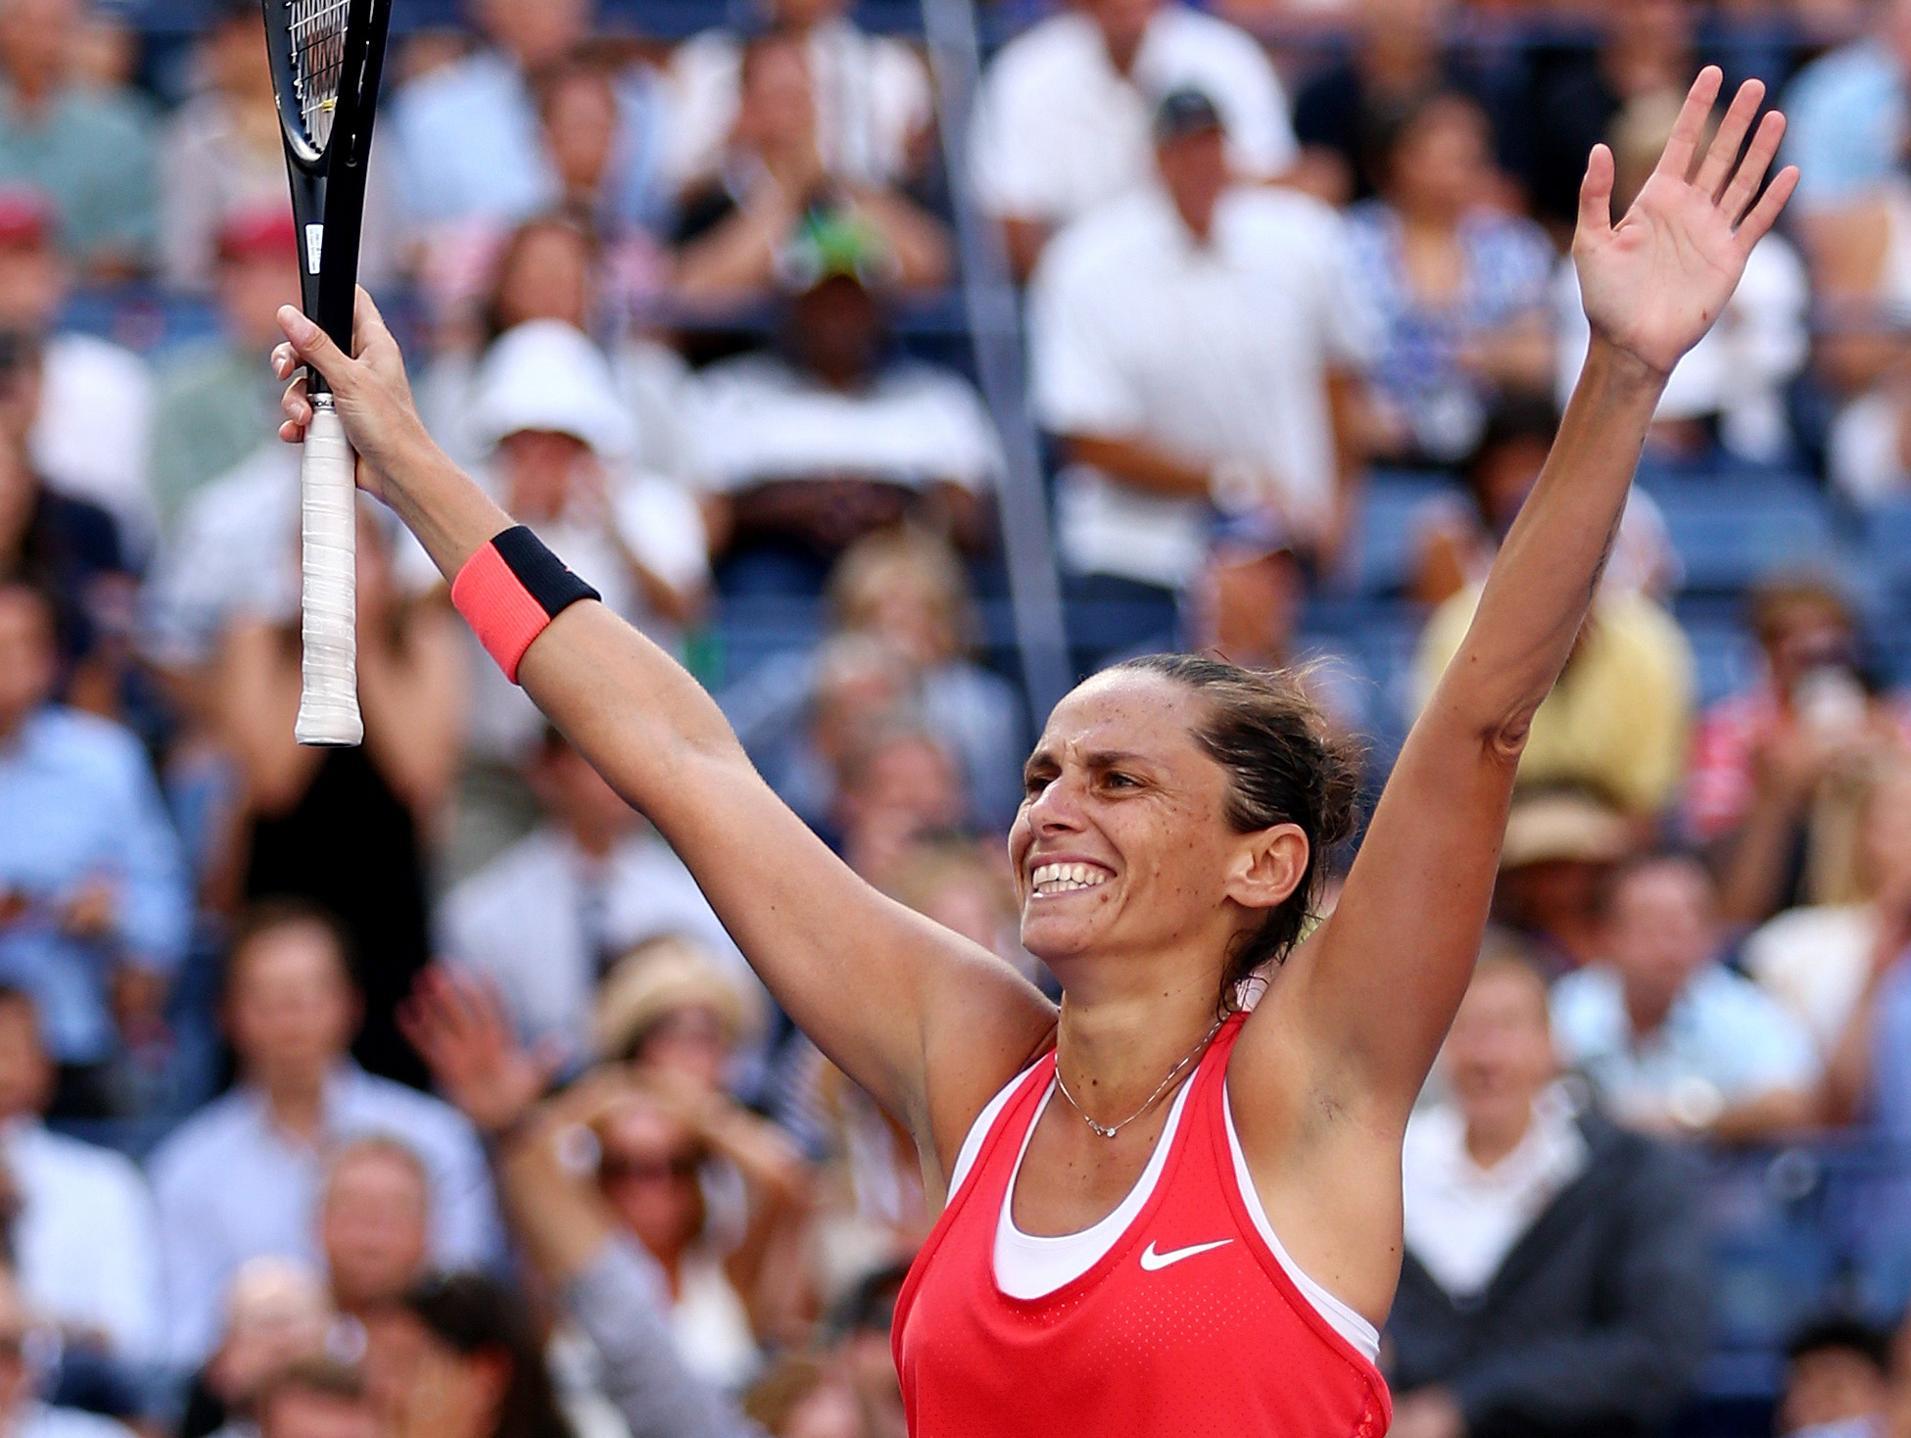 Miracolo del tennis azzurro, la finale US Open femminile sarà tutta italiana, Vinci-Pennetta. Battute la Williams e la Halep.